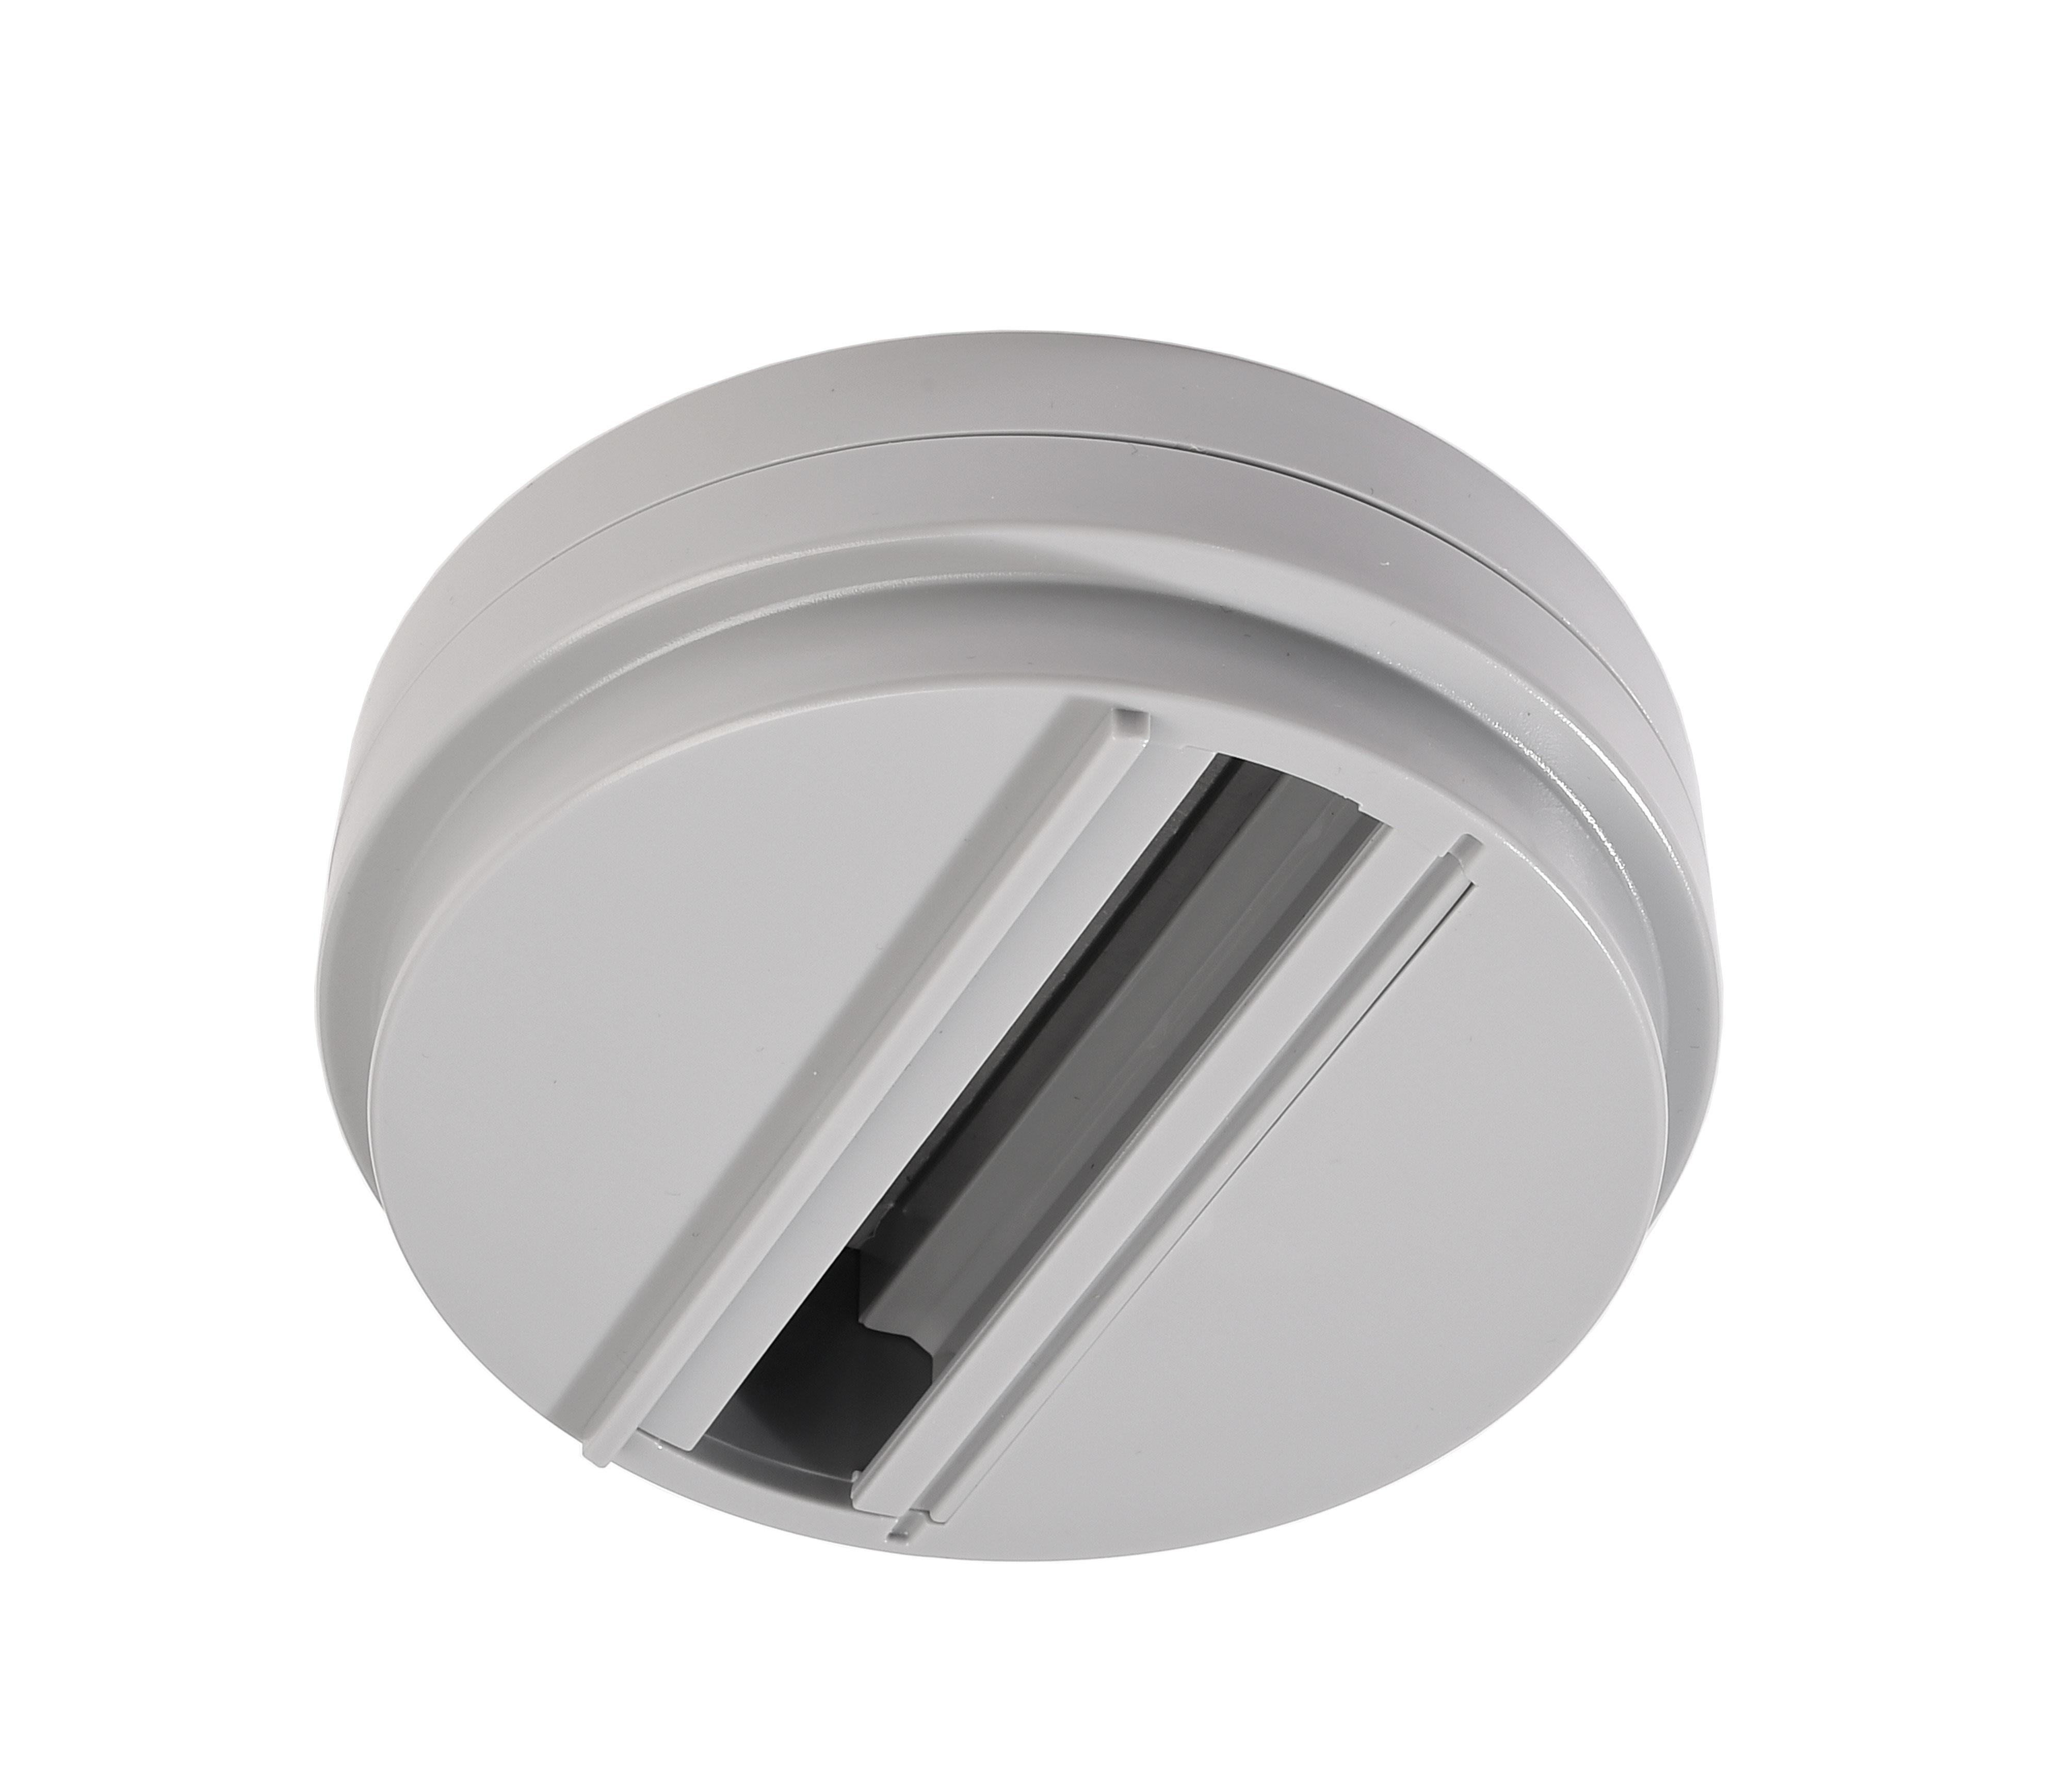 710046 Aufbau-Adapter für Leuchten grau